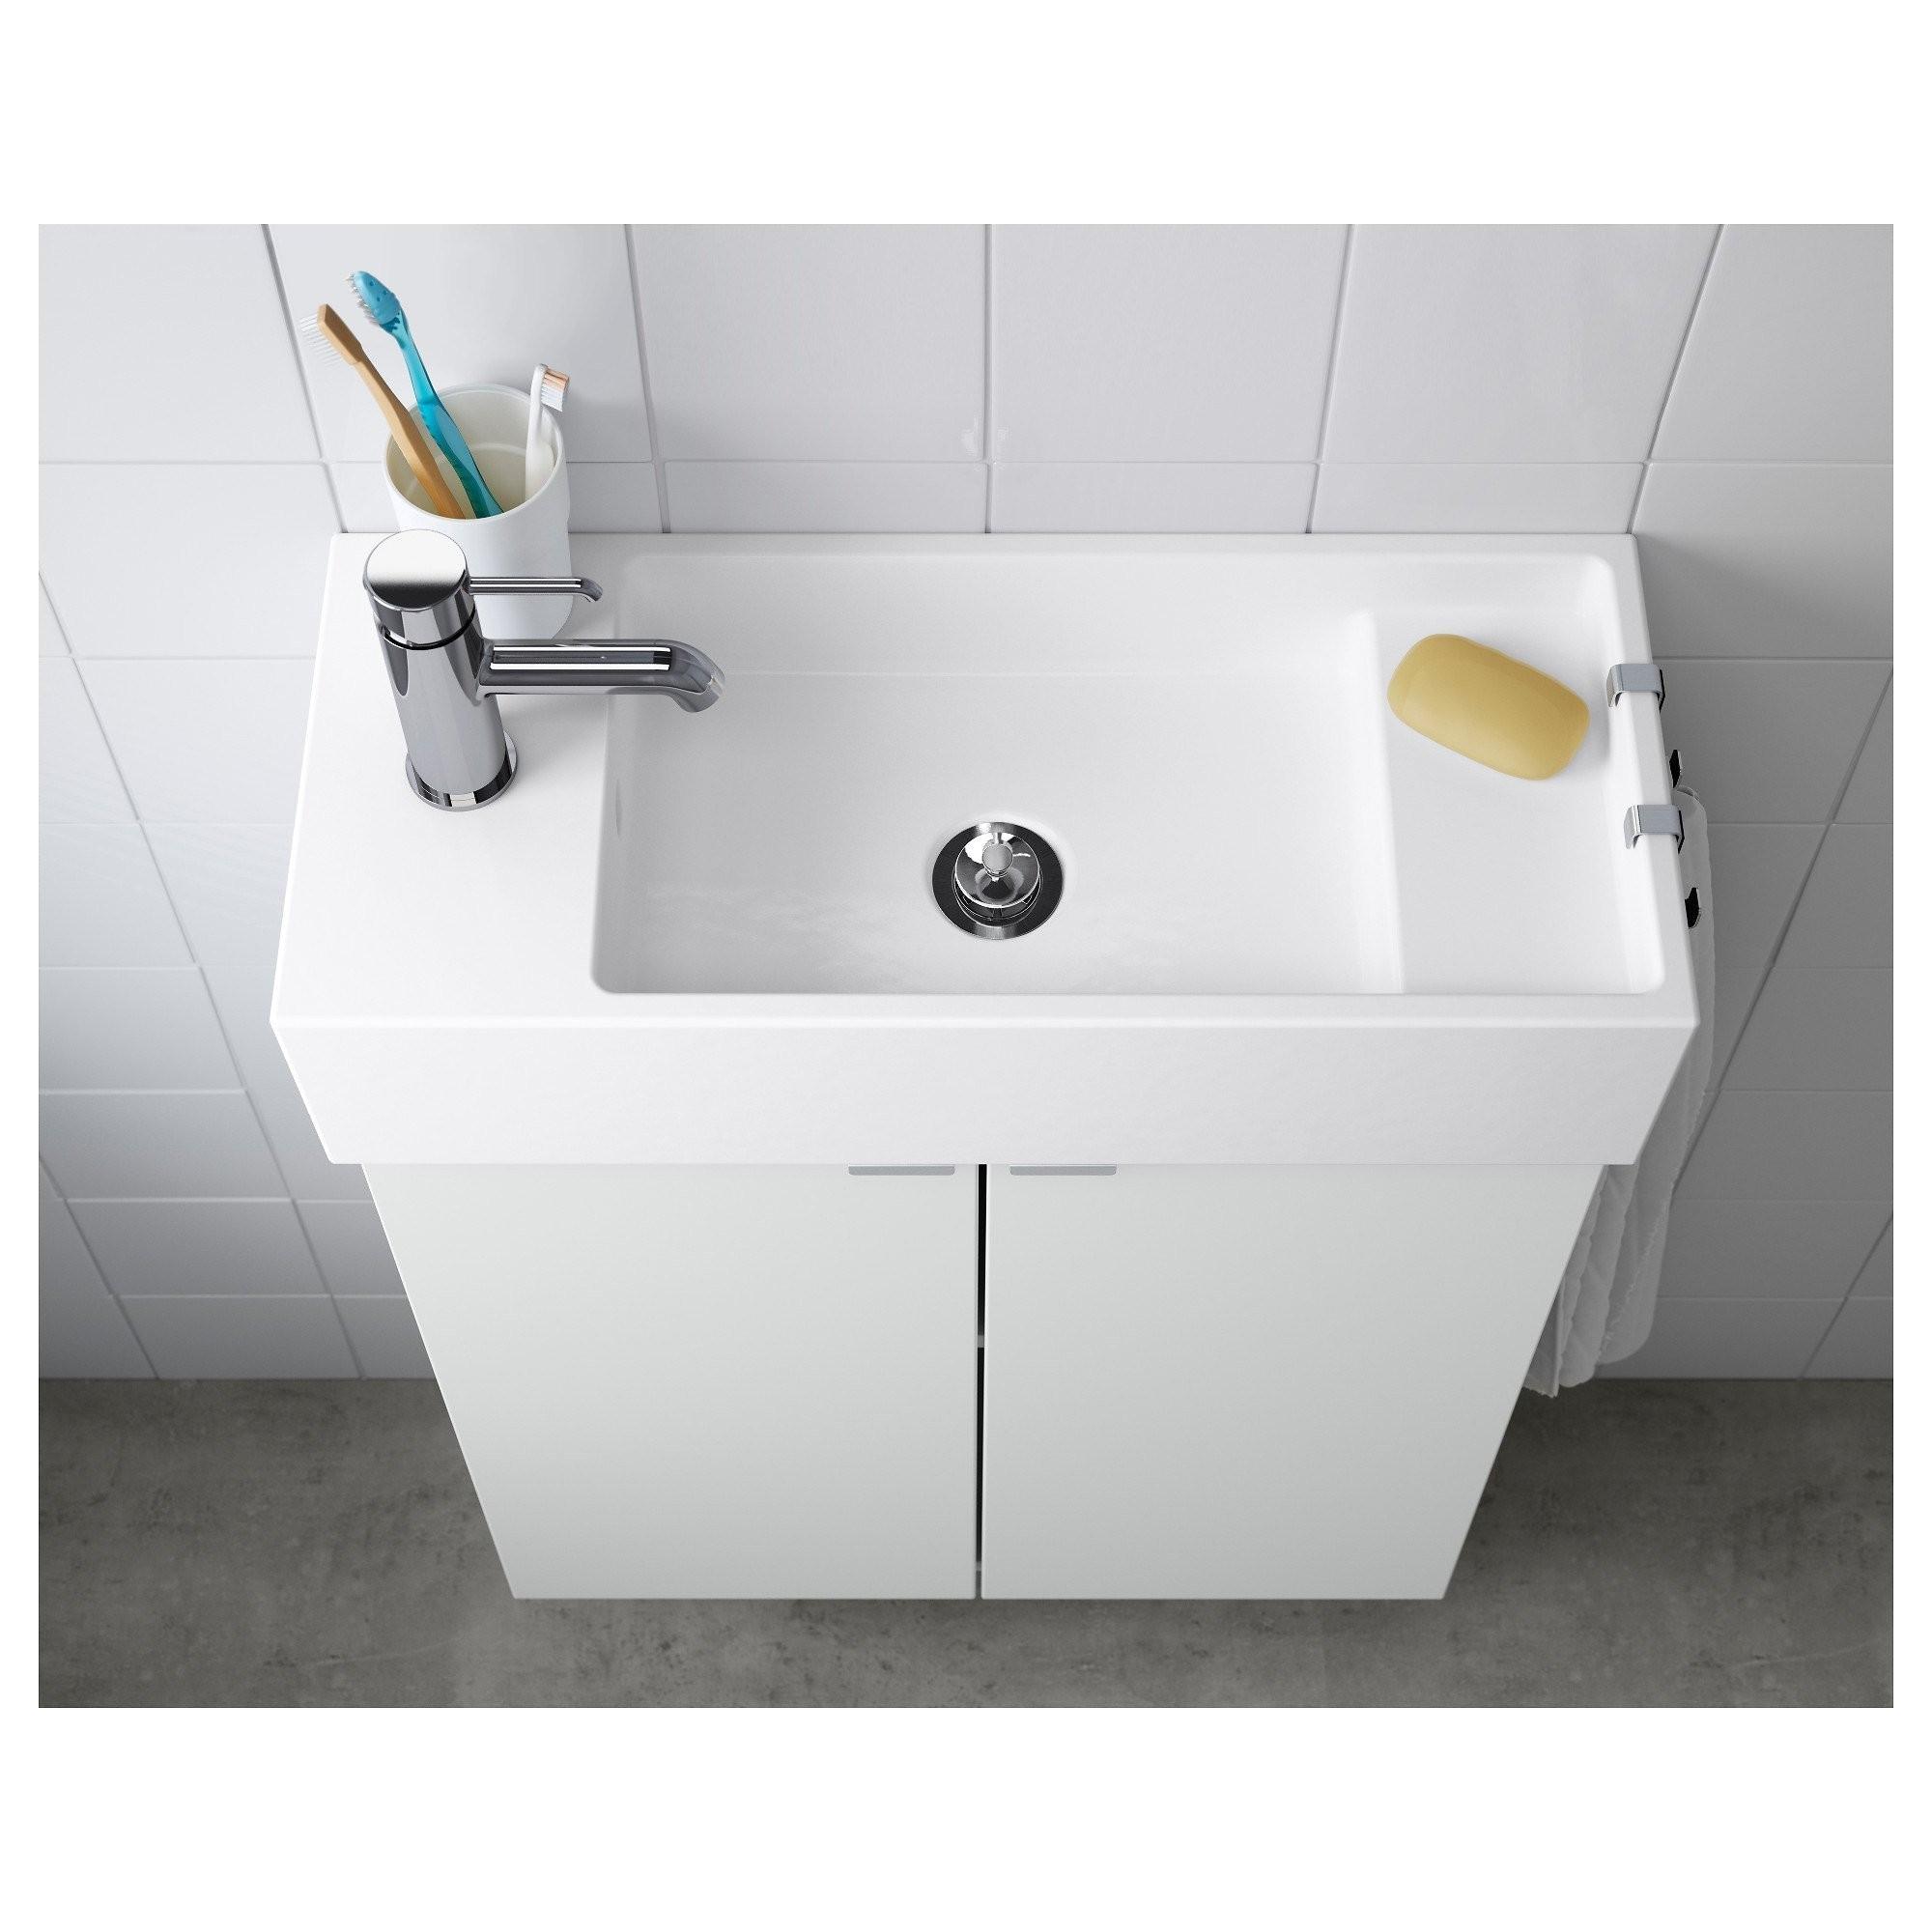 camper bathroom sink beautiful bined bathroom vanity units classy camper shower toilet bo new of camper bathroom sink